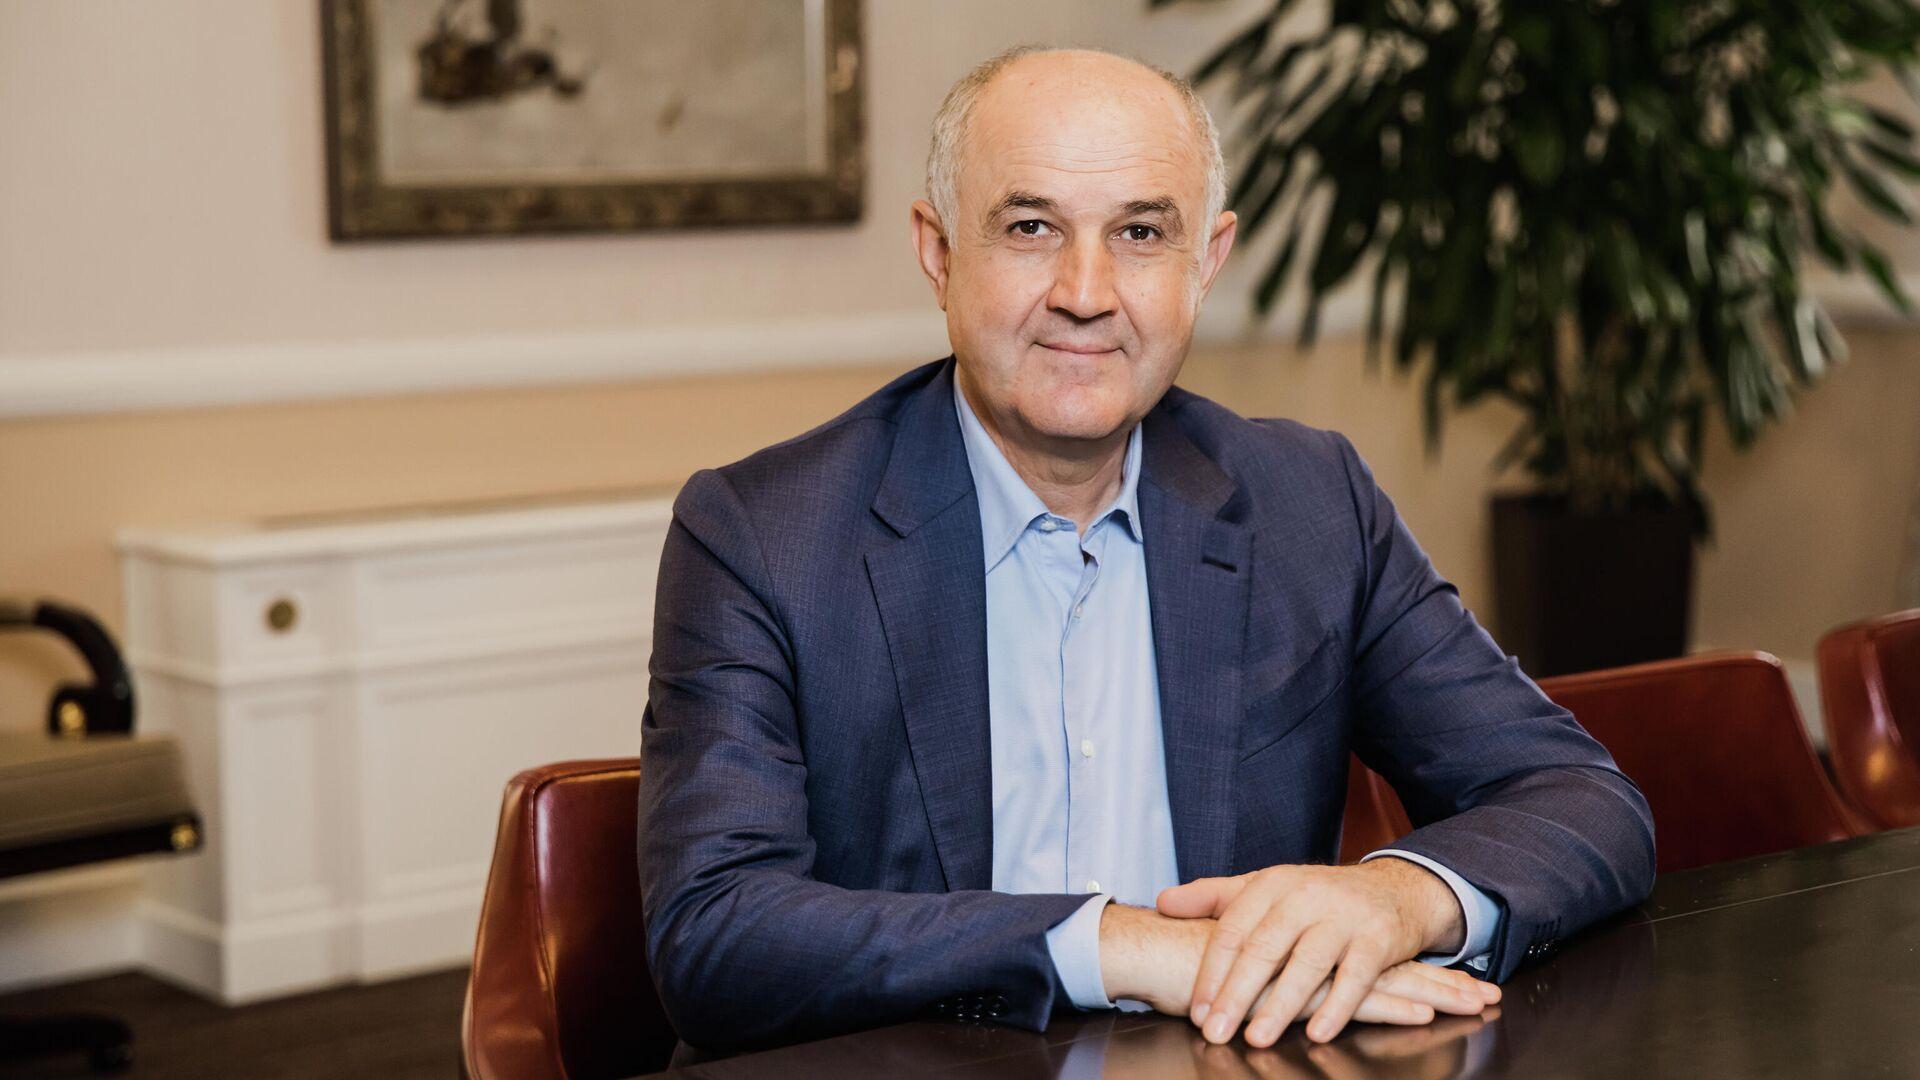 Управляющий партнер АФК Система, председатель совета директоров Segezha Group Али Узденов - РИА Новости, 1920, 06.04.2021